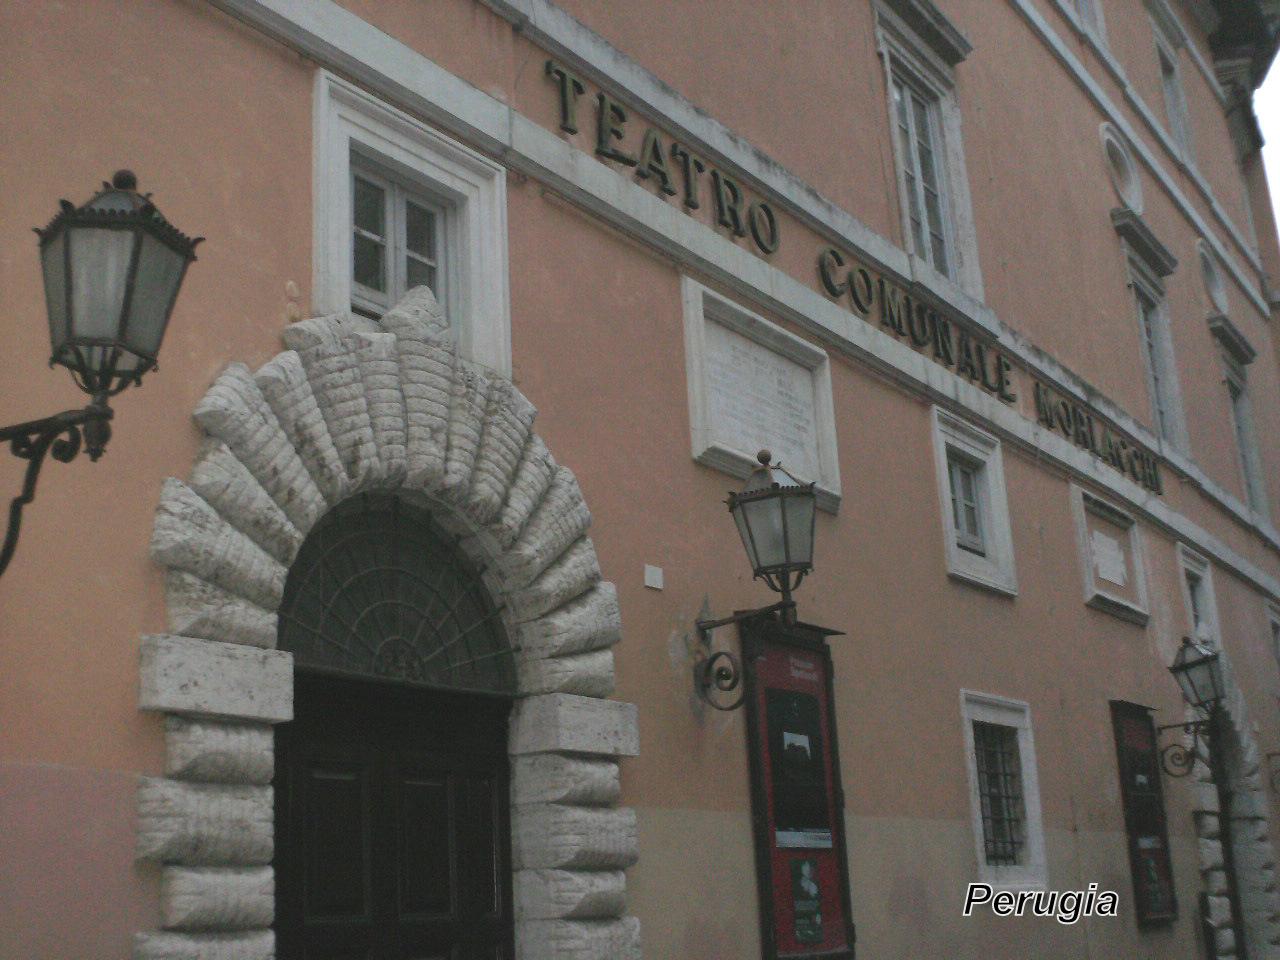 Teatro morlacchi perugia.jpg